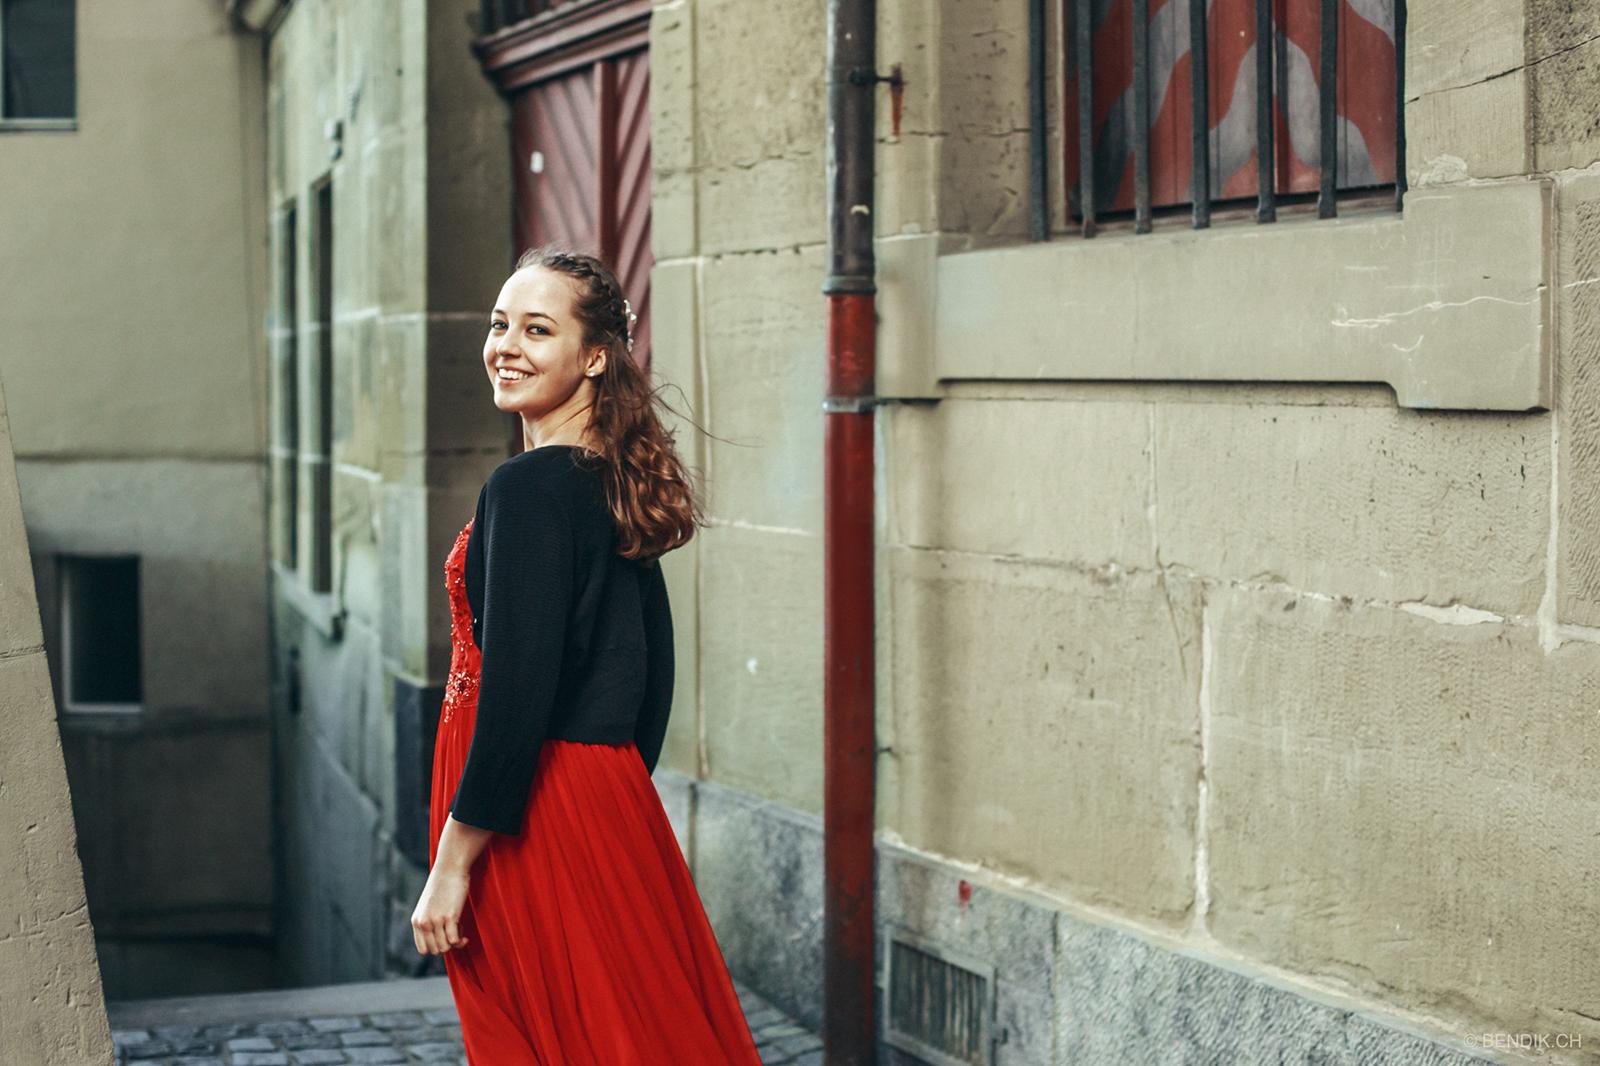 Trauzeugin in schwarz-rotem Kleid sieht über Schulter lachend in die Kamera